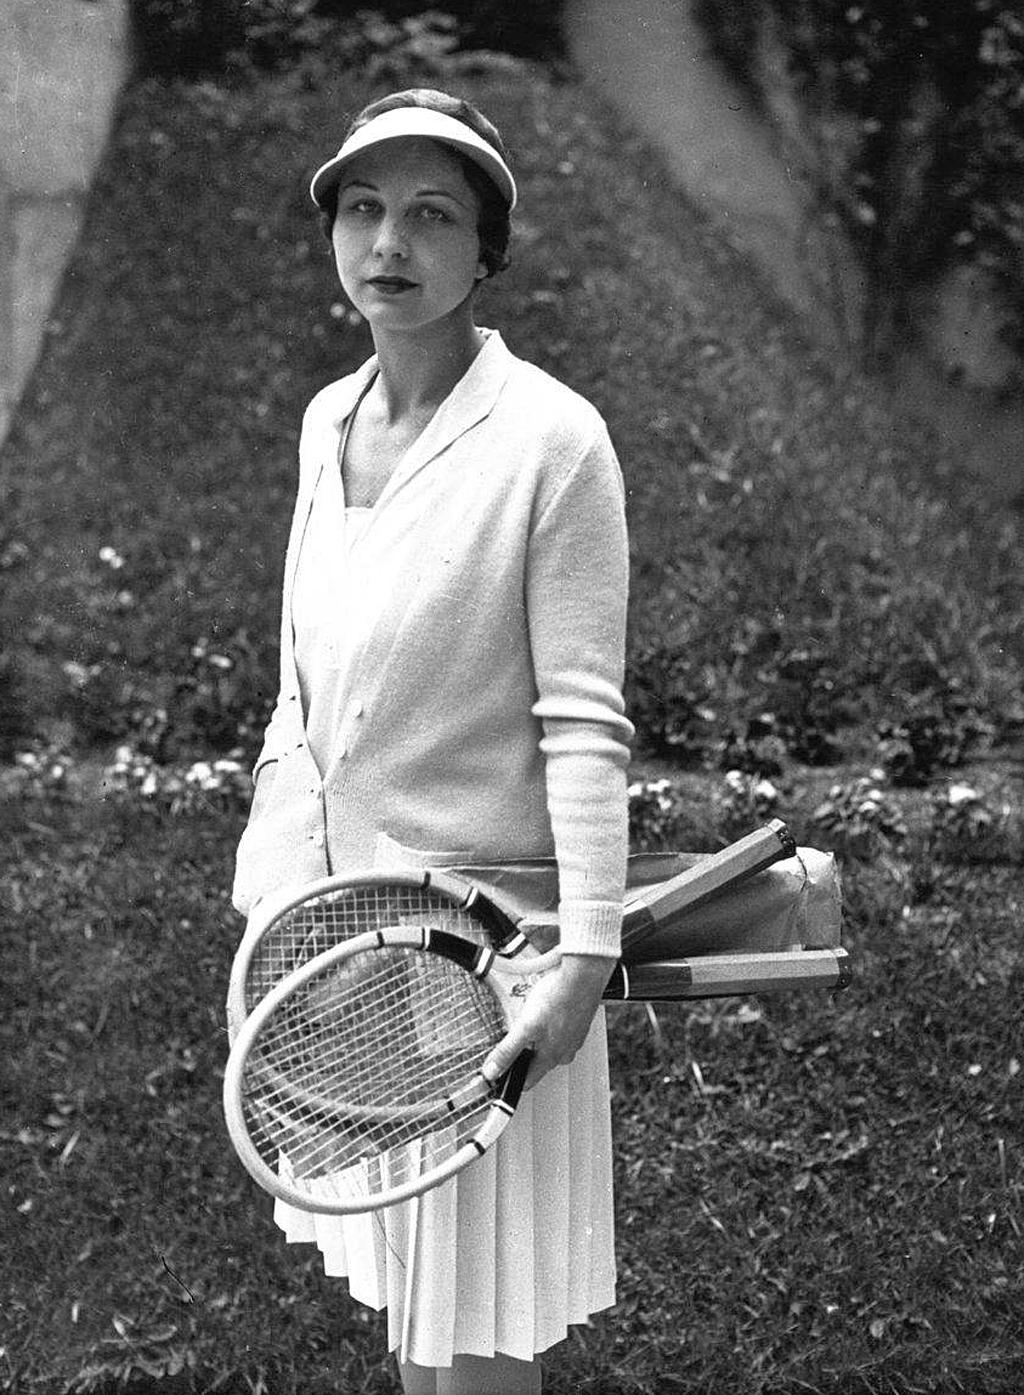 Helen_Wills_Moody_1932